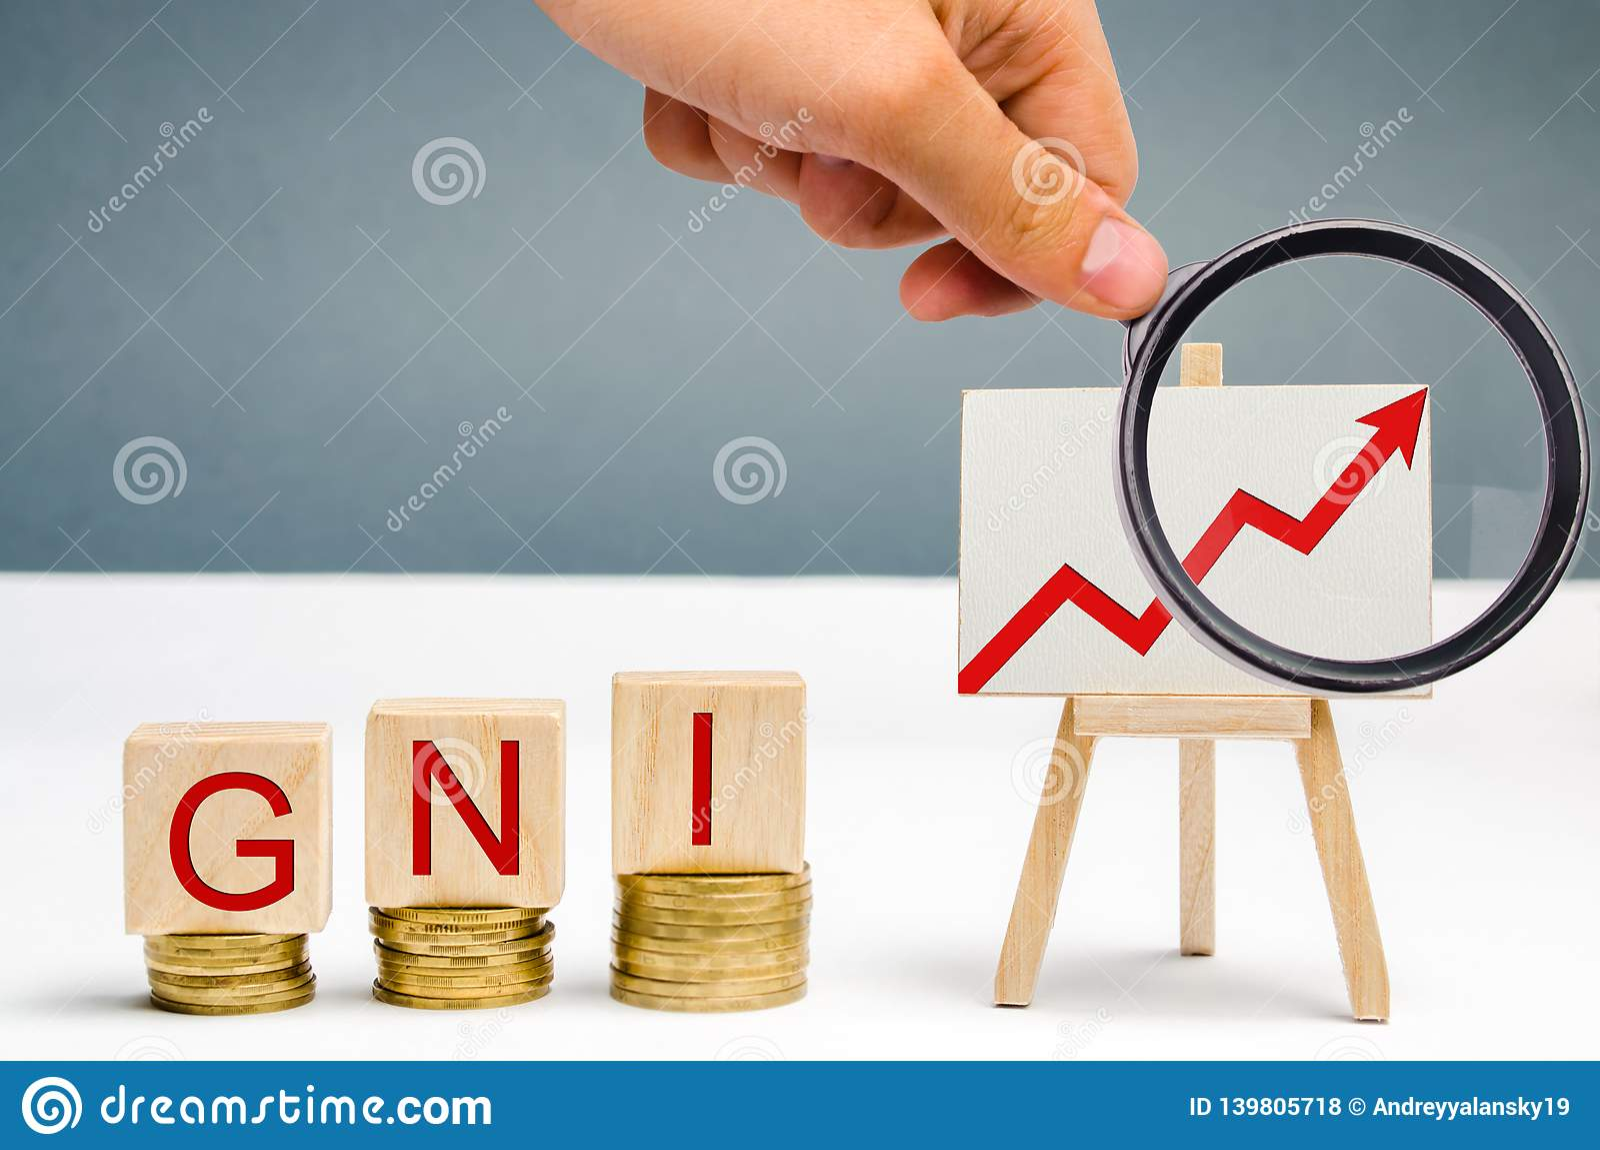 Blocs en bois avec le mot Gni et la flèche haute Le revenu national brut est la somme du produit intérieur brut et du filet d une